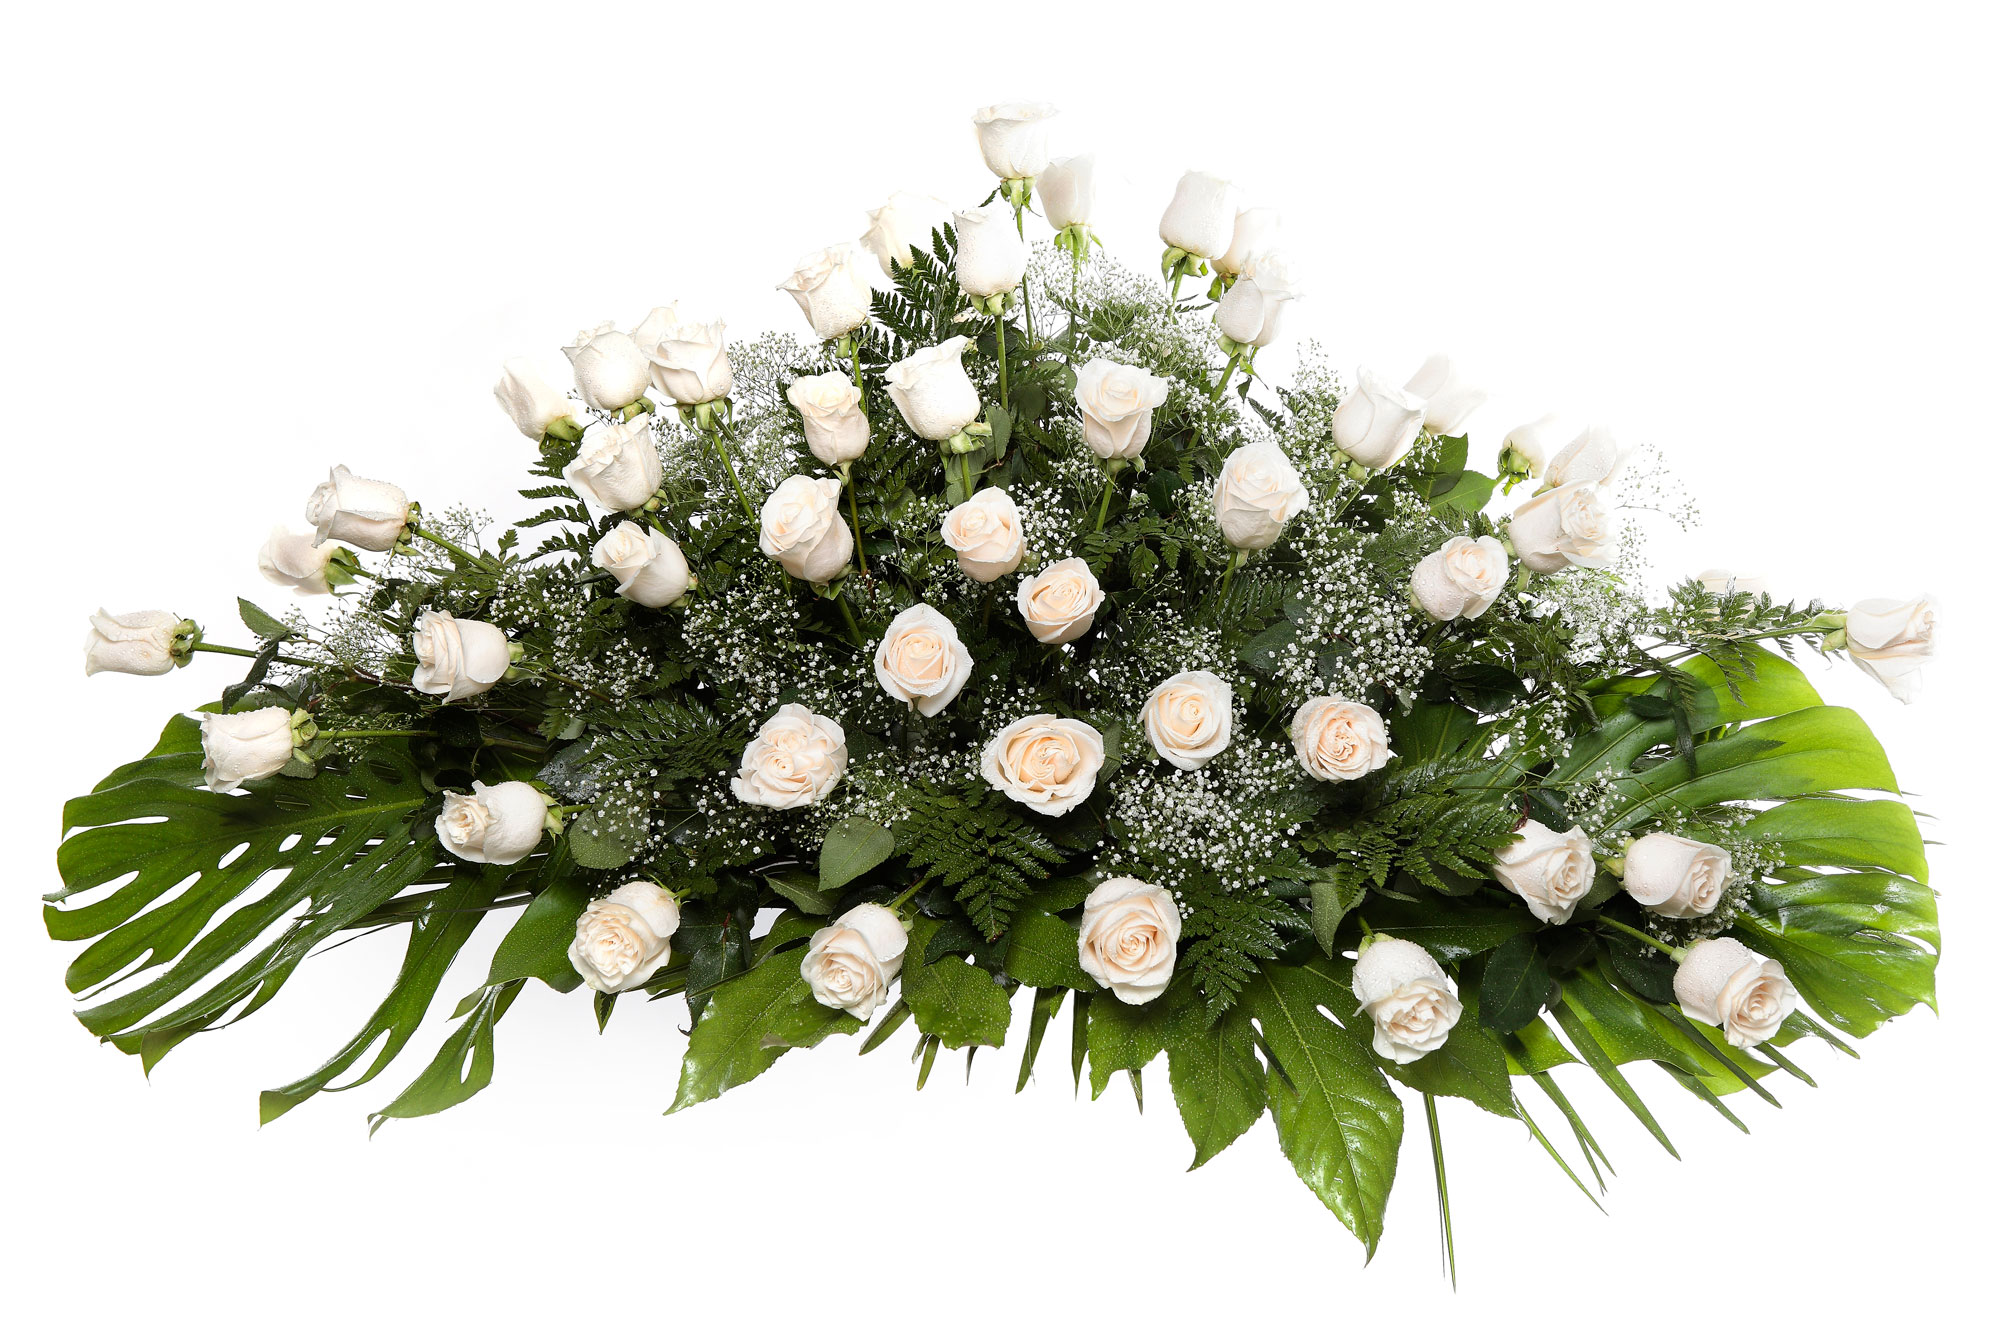 Palma flores tanatorio 12 b palmas flores naturales for Tanatorio los jardines carrizo